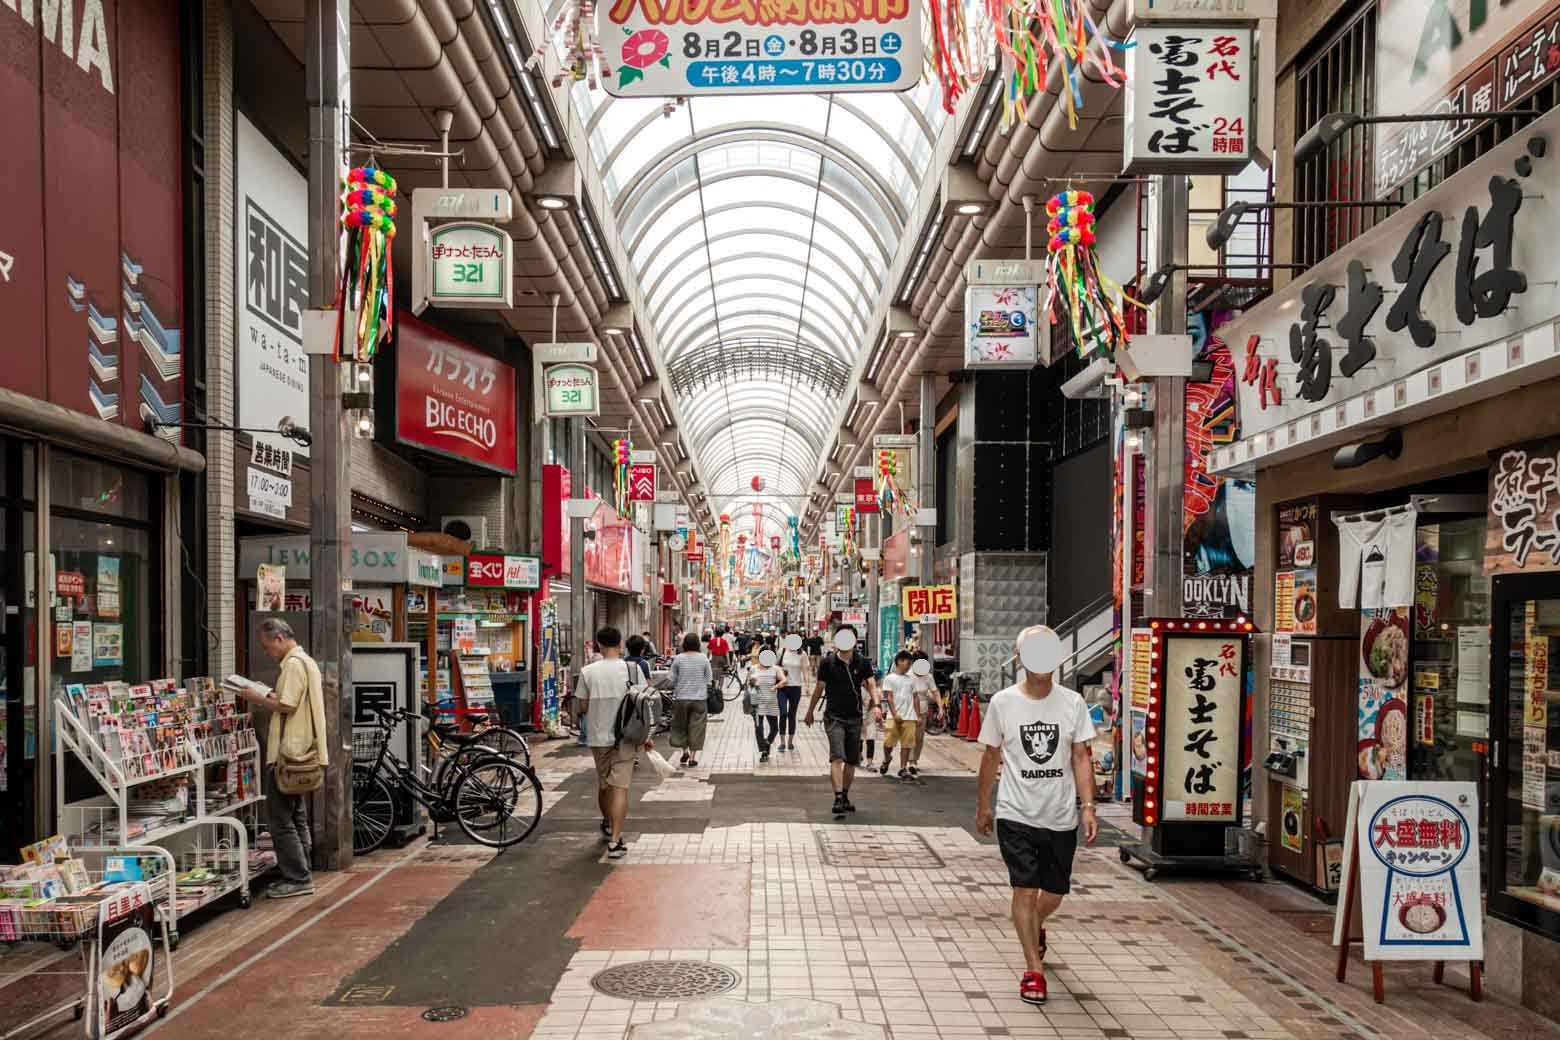 70年以上の歴史を持つ〈武蔵小山商店街パルム〉。アーケードなので雨の日でも気にせずお買い物できますよ。ちなみに〈パルム〉は、友達を意味する〈パル〉という言葉と、武蔵小山の頭文字である〈ム〉を組み合わせた造語とのこと。